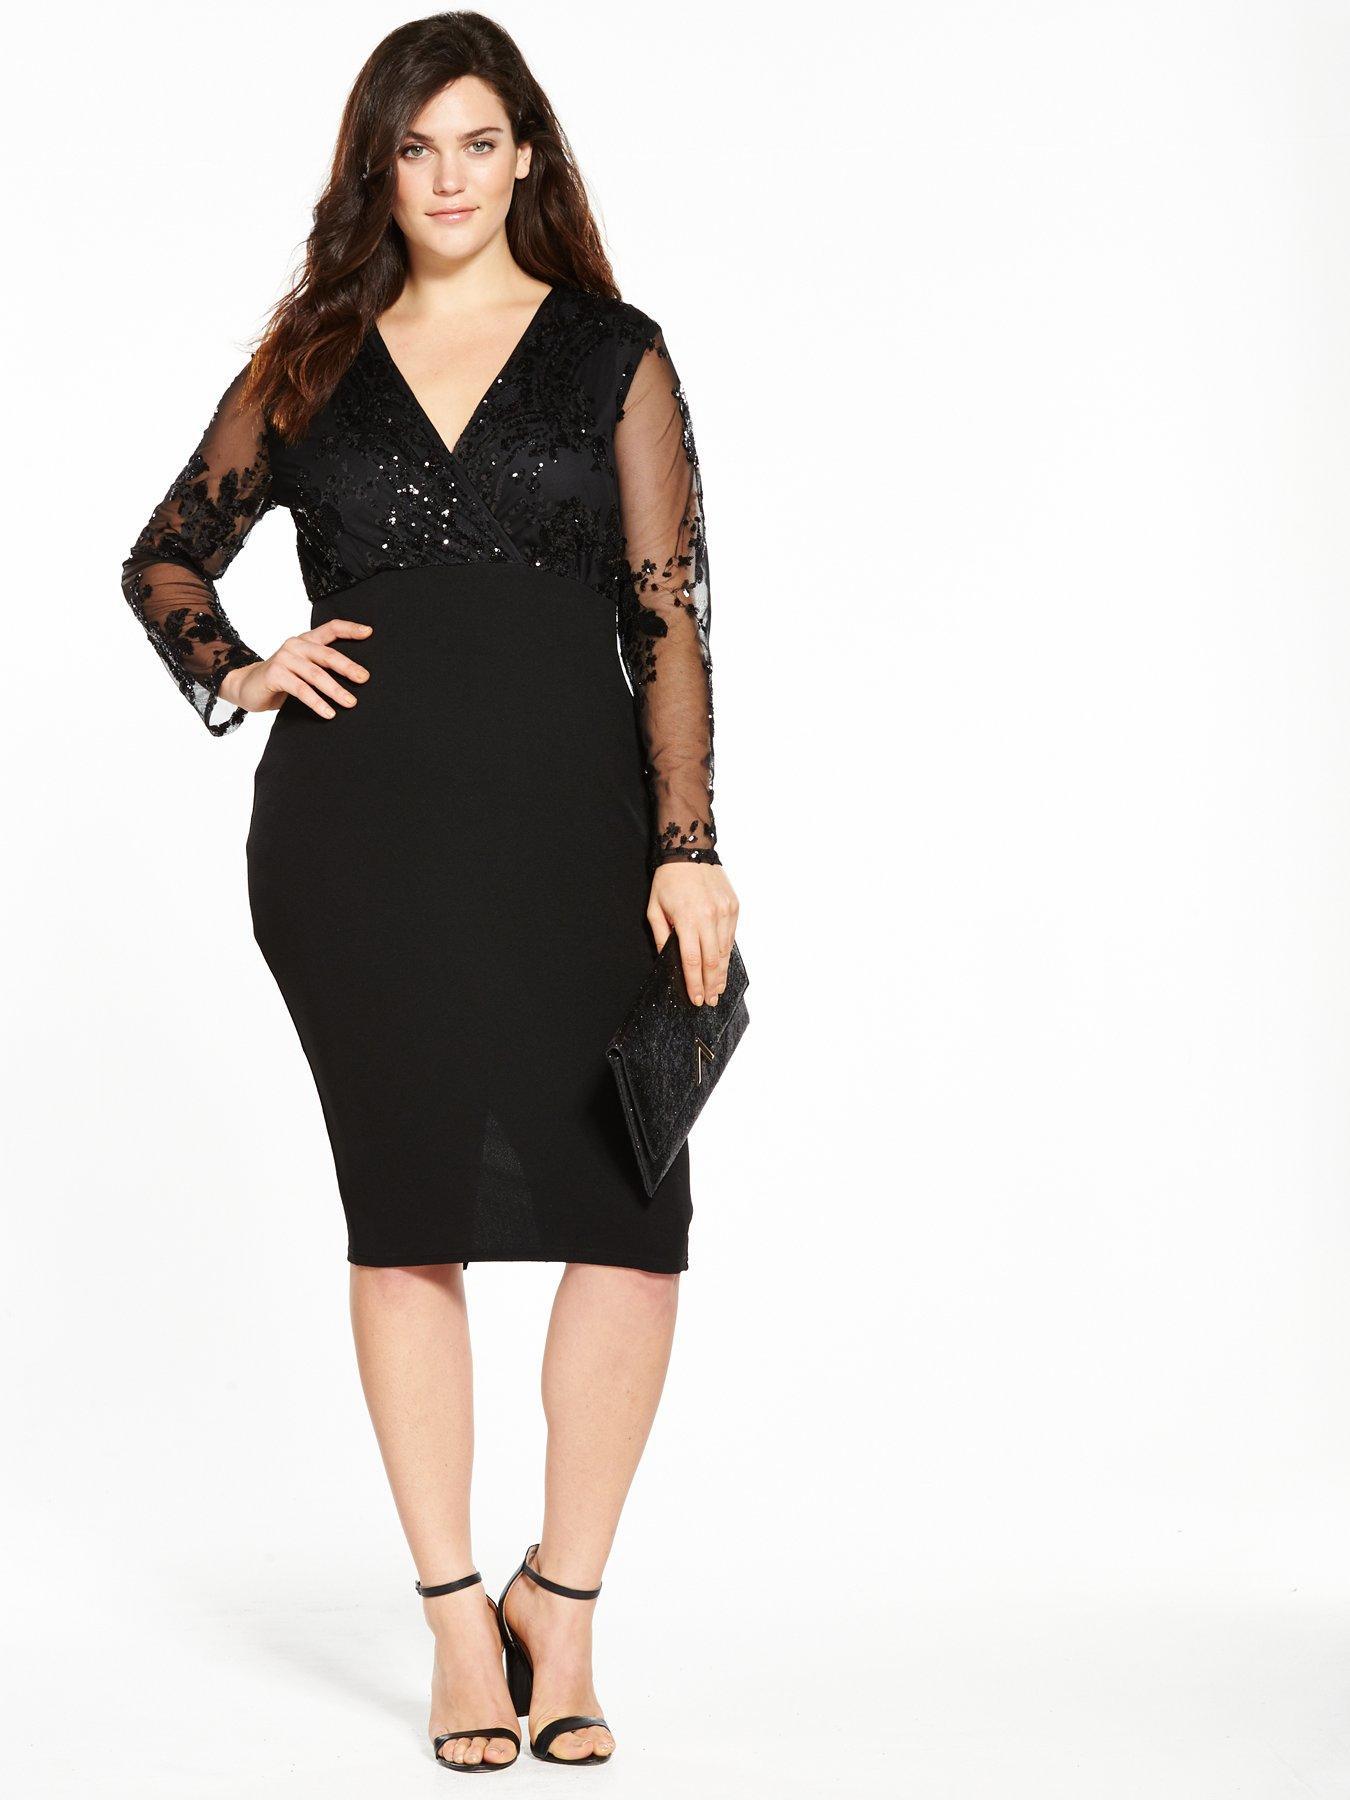 Ax paris black sequin peplum dress